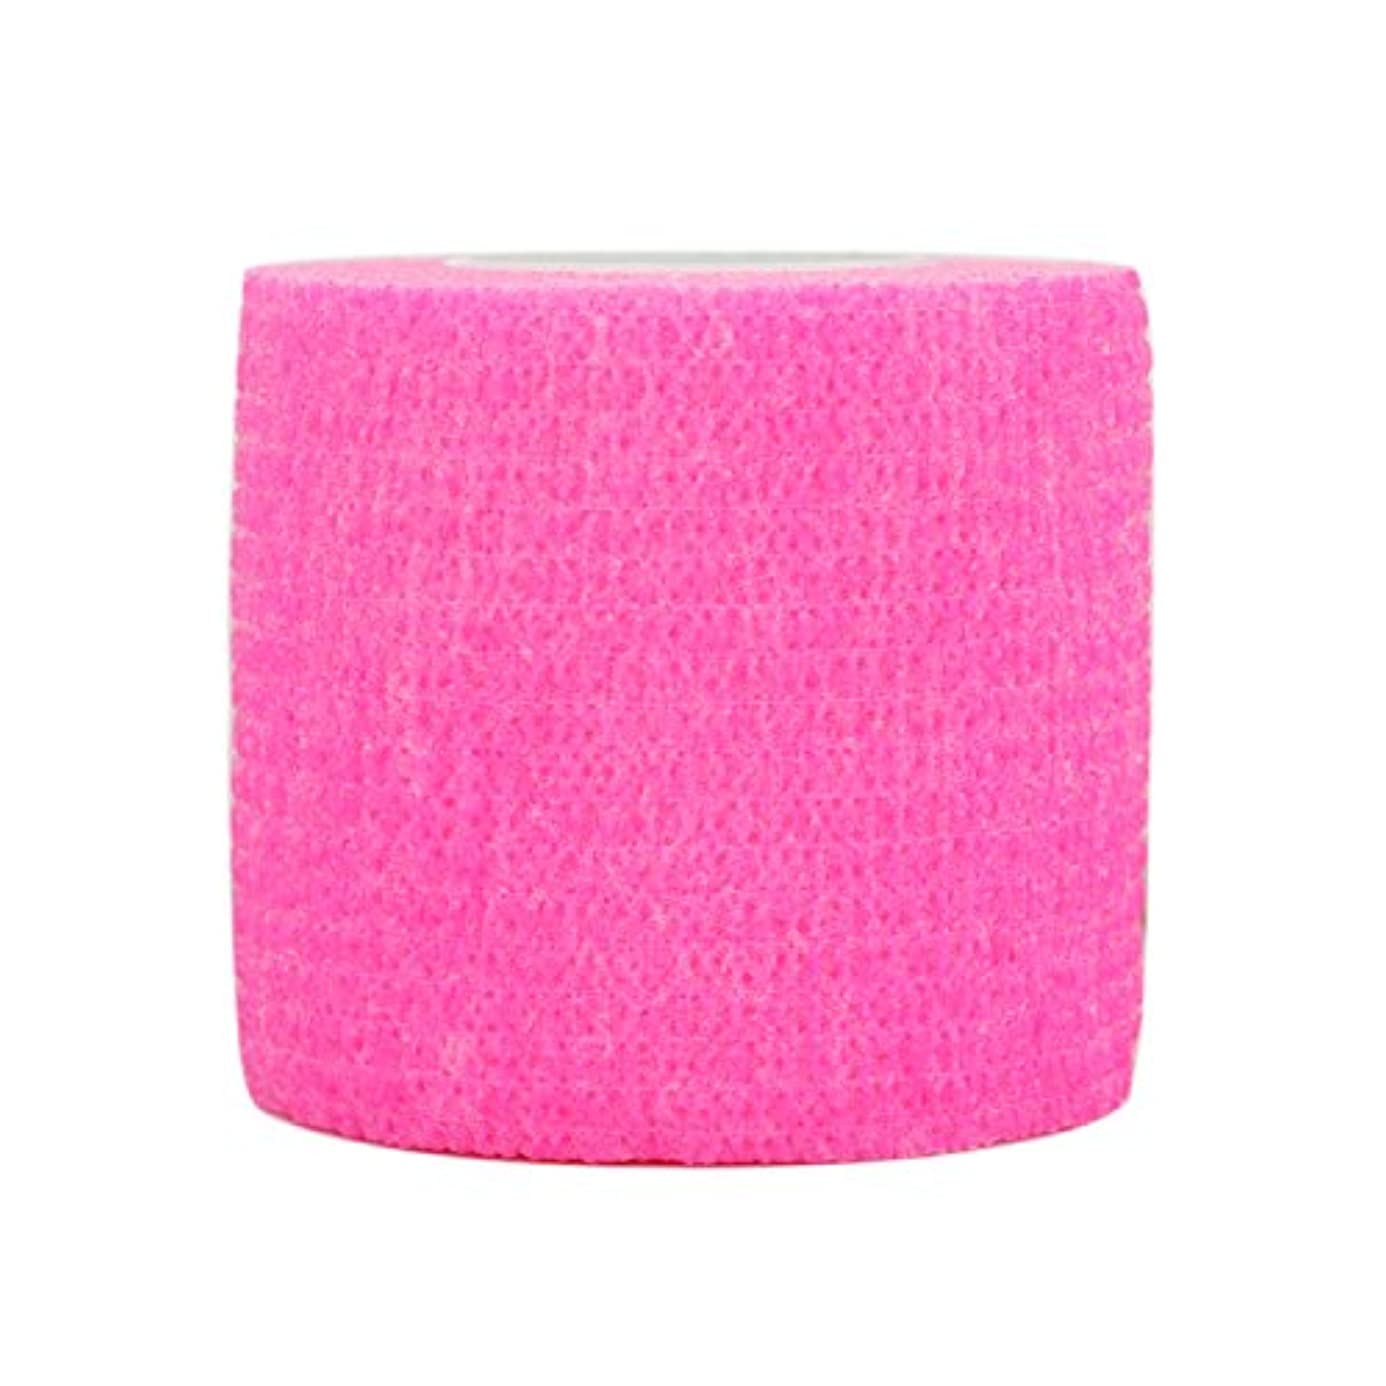 サーフィン間接的モノグラフComomed 3 ロール自己粘着包帯肌色 5cm x 4.5 m 弾性包帯、不織布、スポーツテープ、獣医包装、包帯包帯、敏感肌に適しています。(ピンク 3巻)